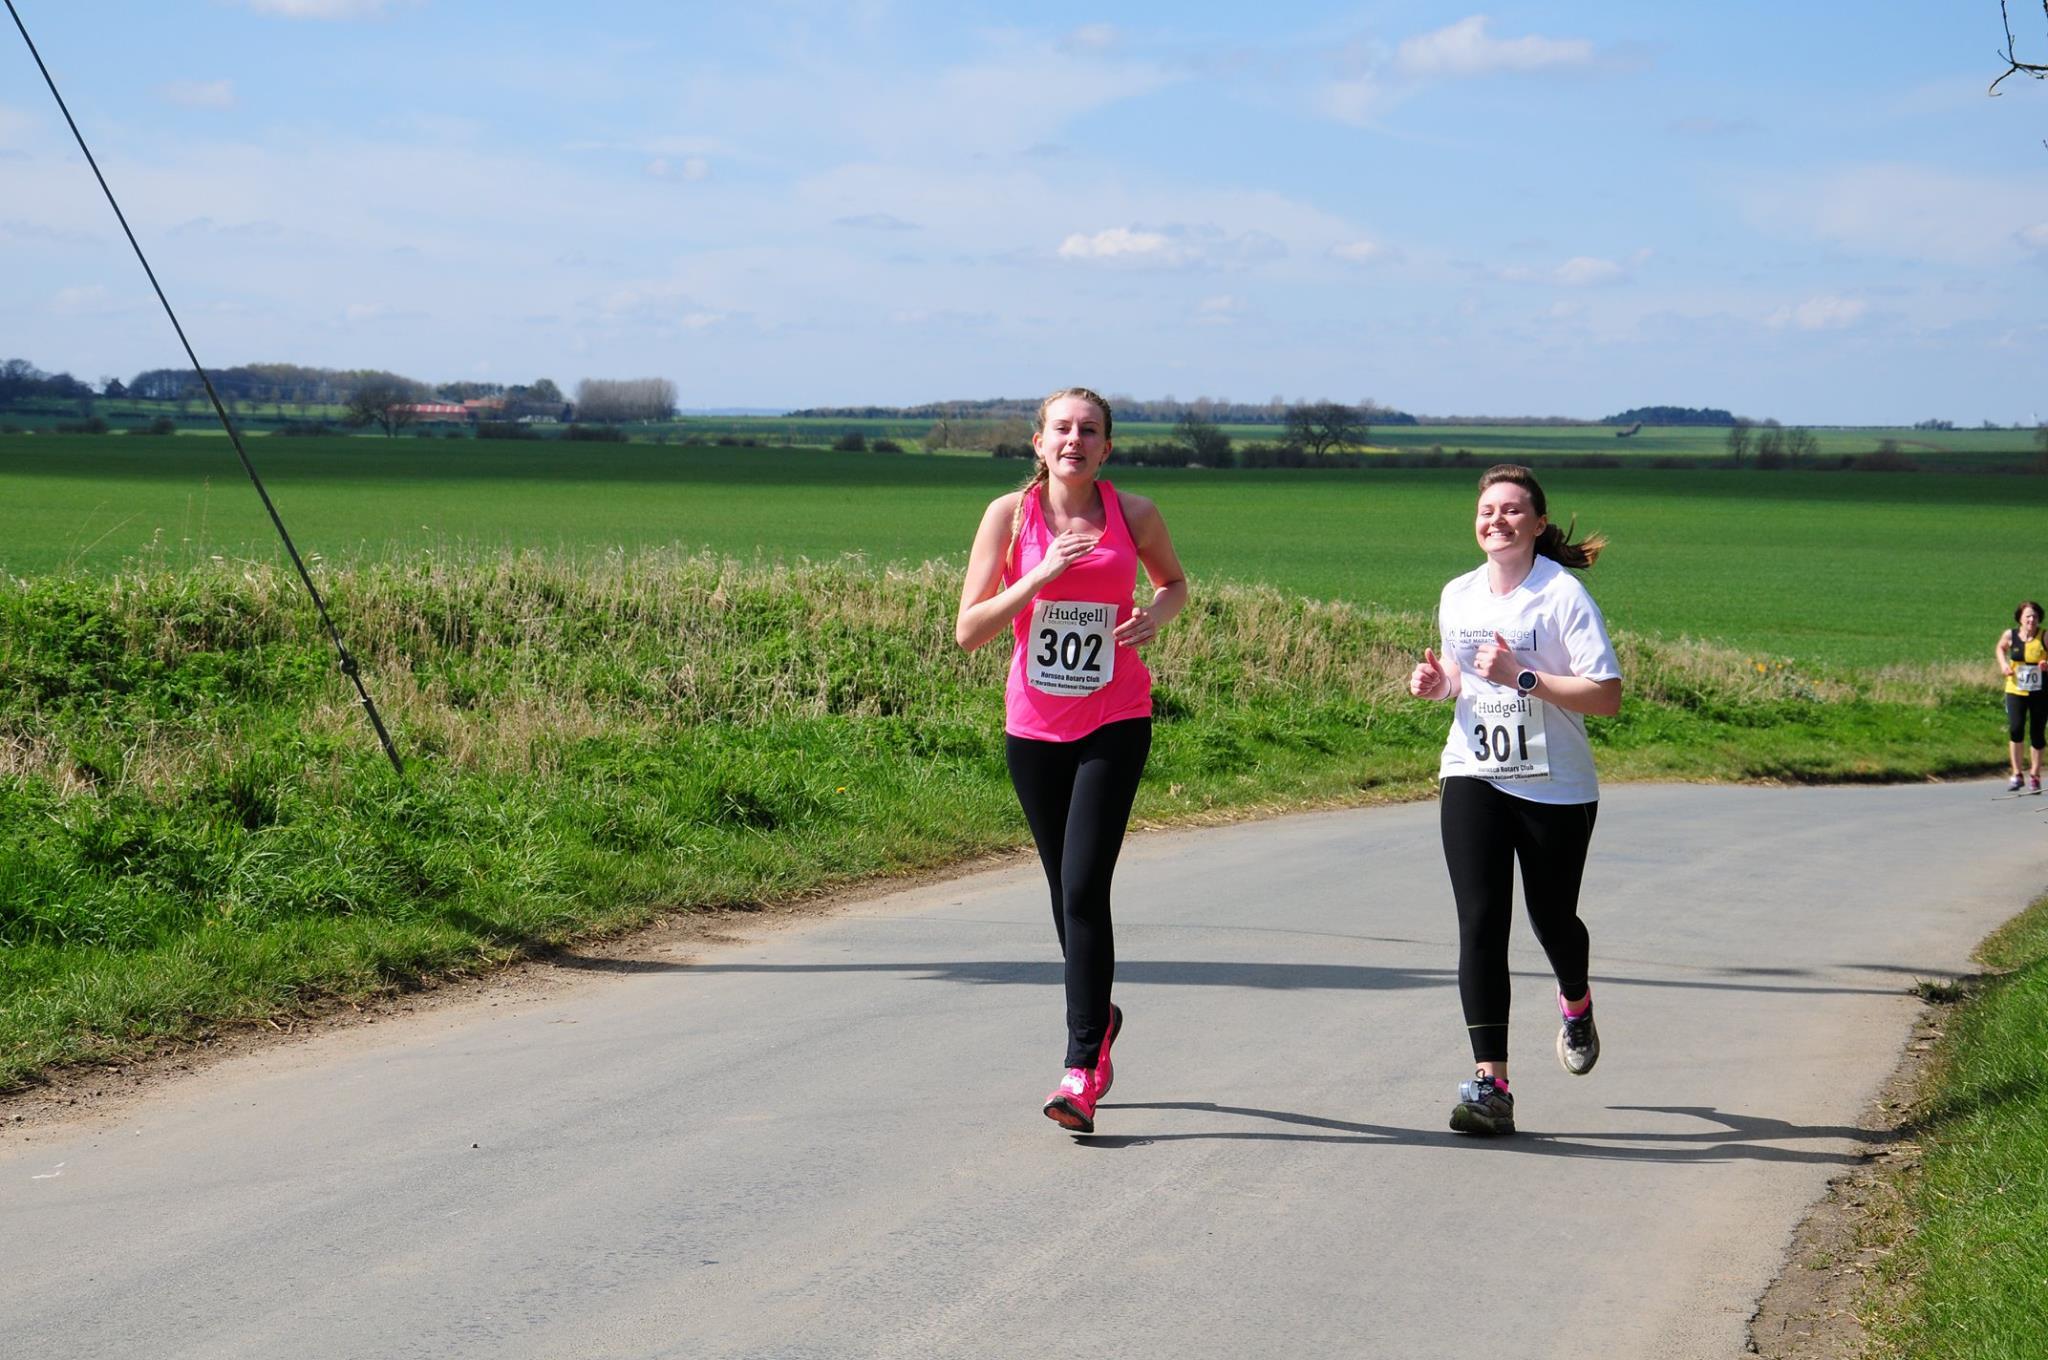 Kelsey - running